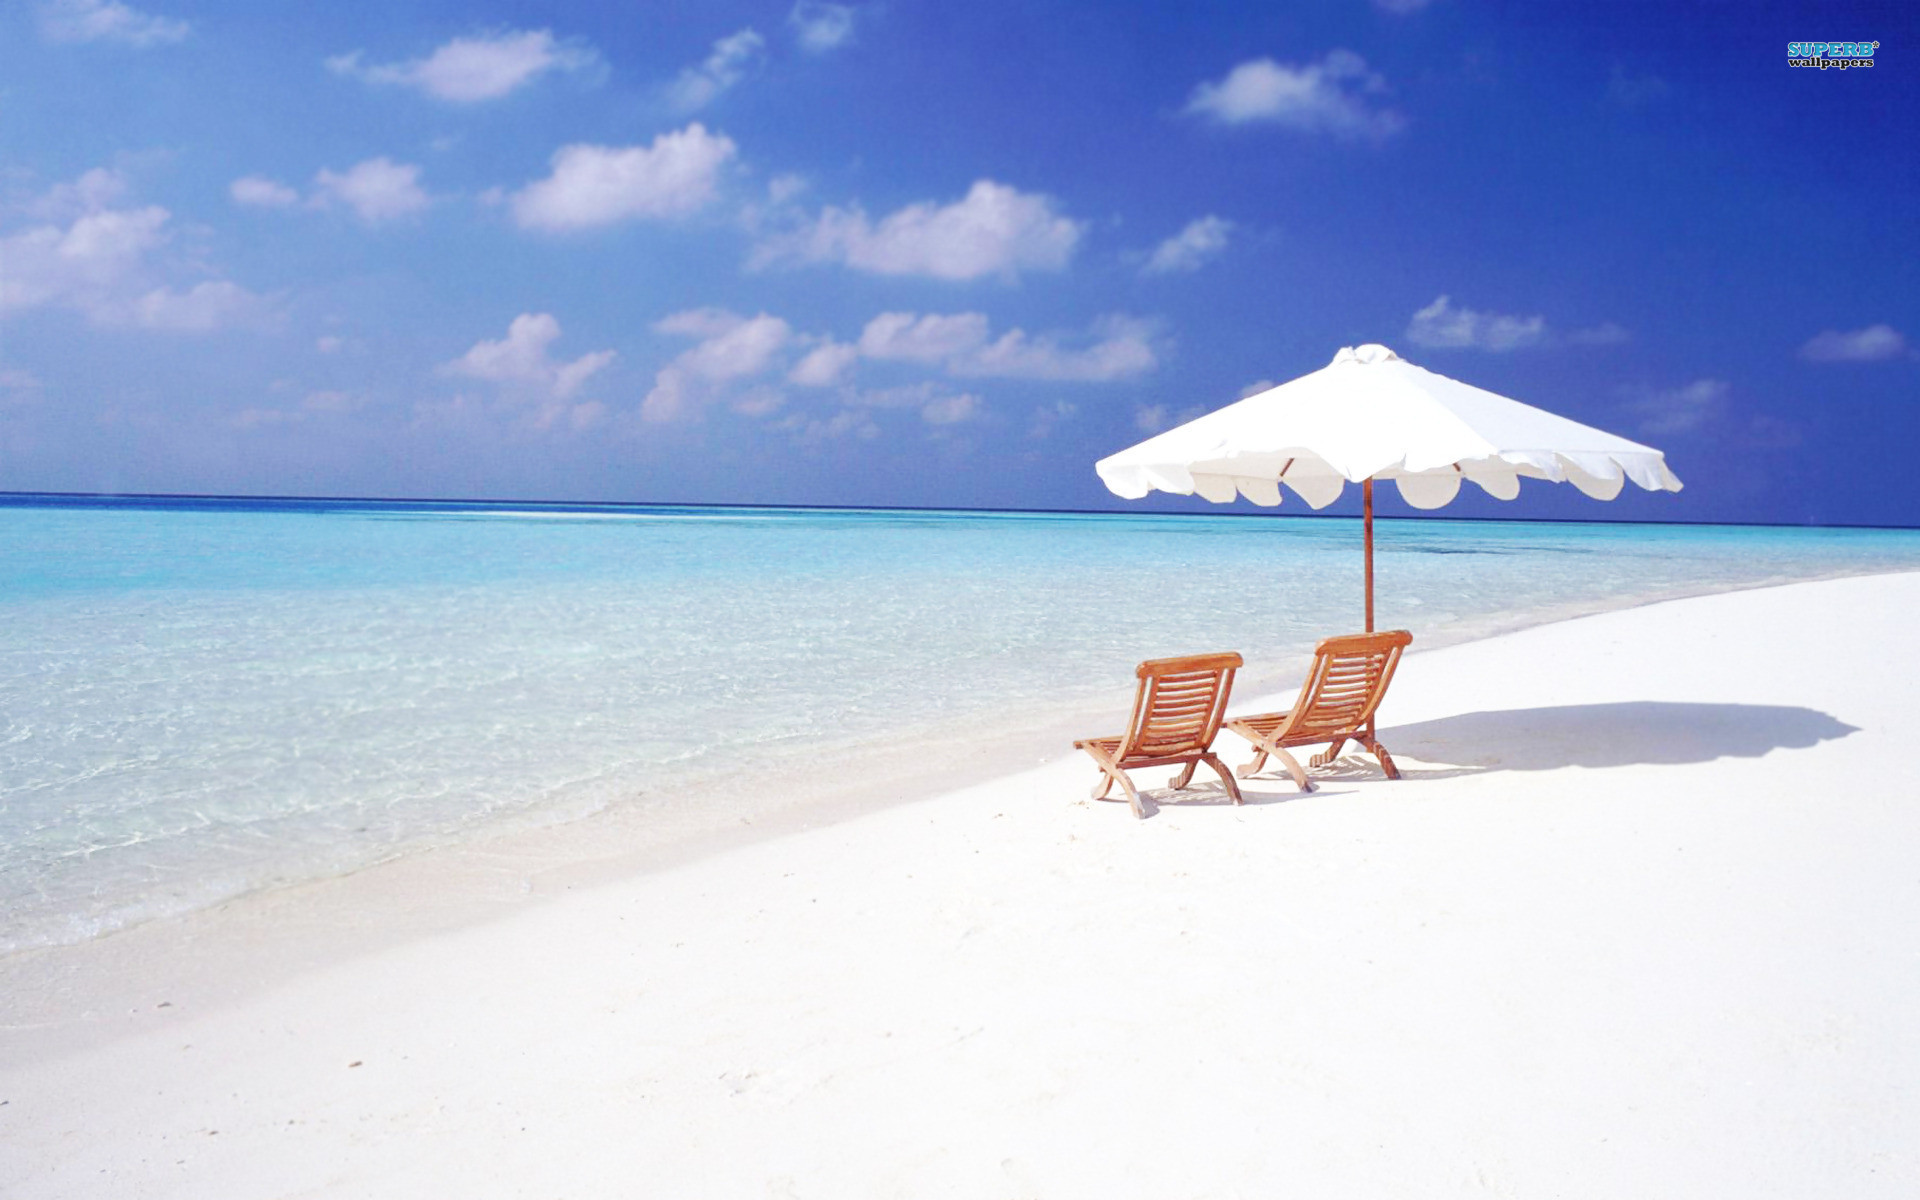 #VacationGoals The Best Beach Screensavers For Summer …